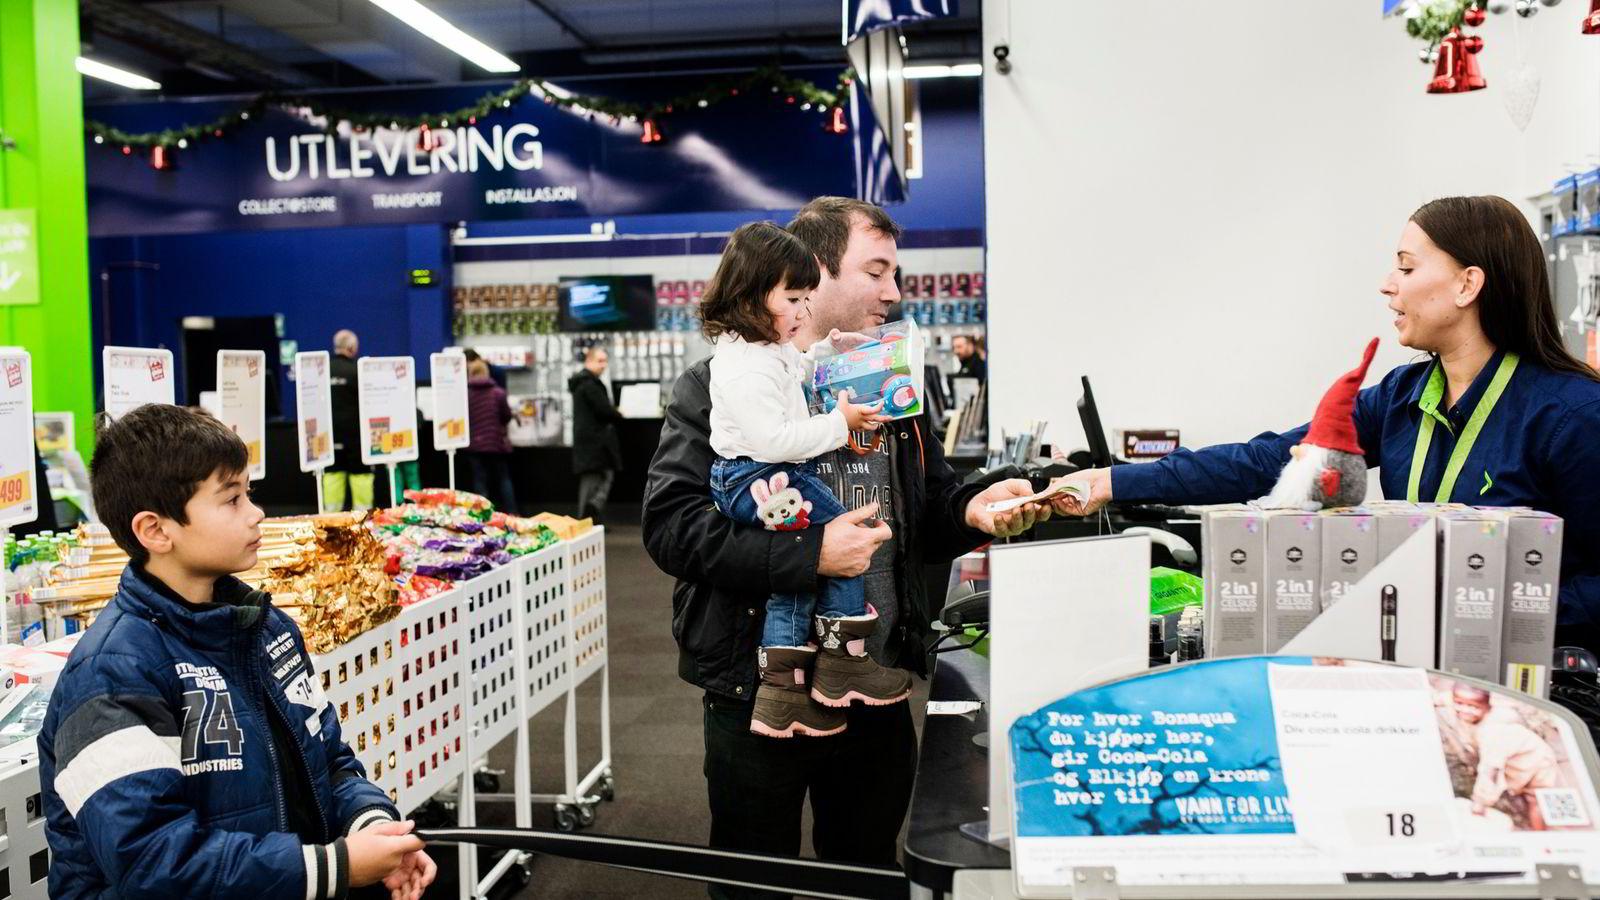 Ekspeditør Therese Gjertsen begynte på jobb kl 06.00 mandag morgen. Rundt lunsjtider var rundt 60 Elkjøp-ansatte i sving i Elkjøp-butikken på Lørenskog. Her sammen med Jan Aris Tomatsidis (9), Selina (2)  og pappa Niko Tomatsidis.